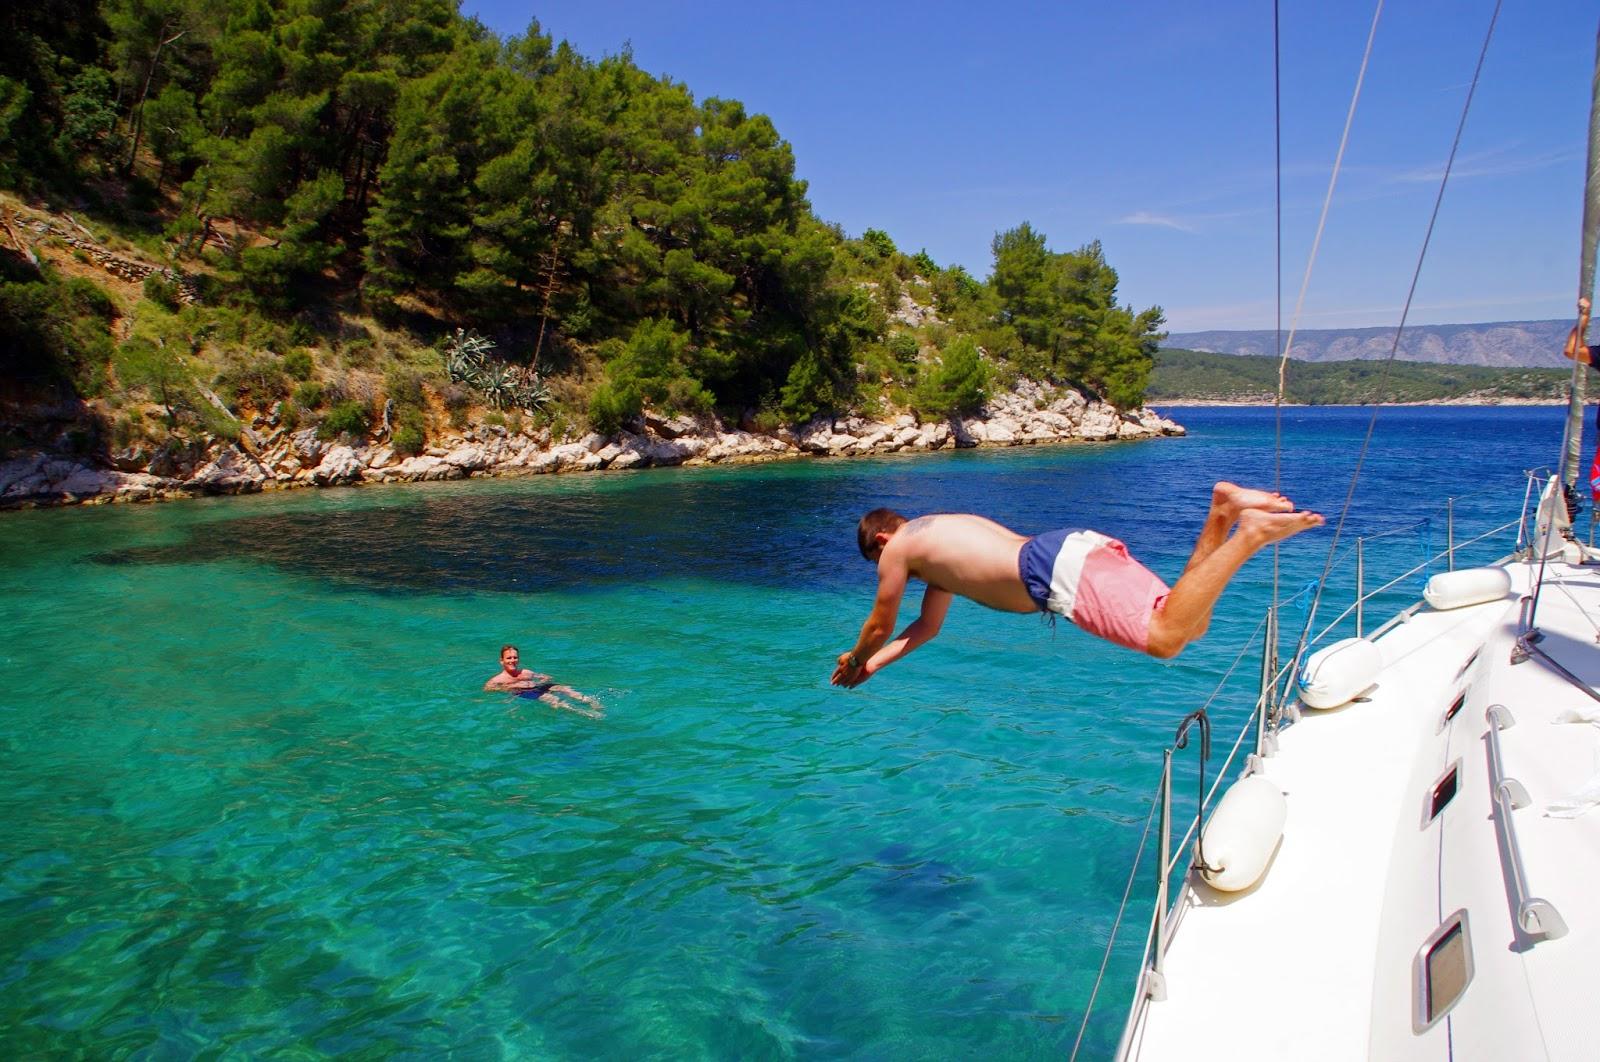 Diving off boat in Croatia